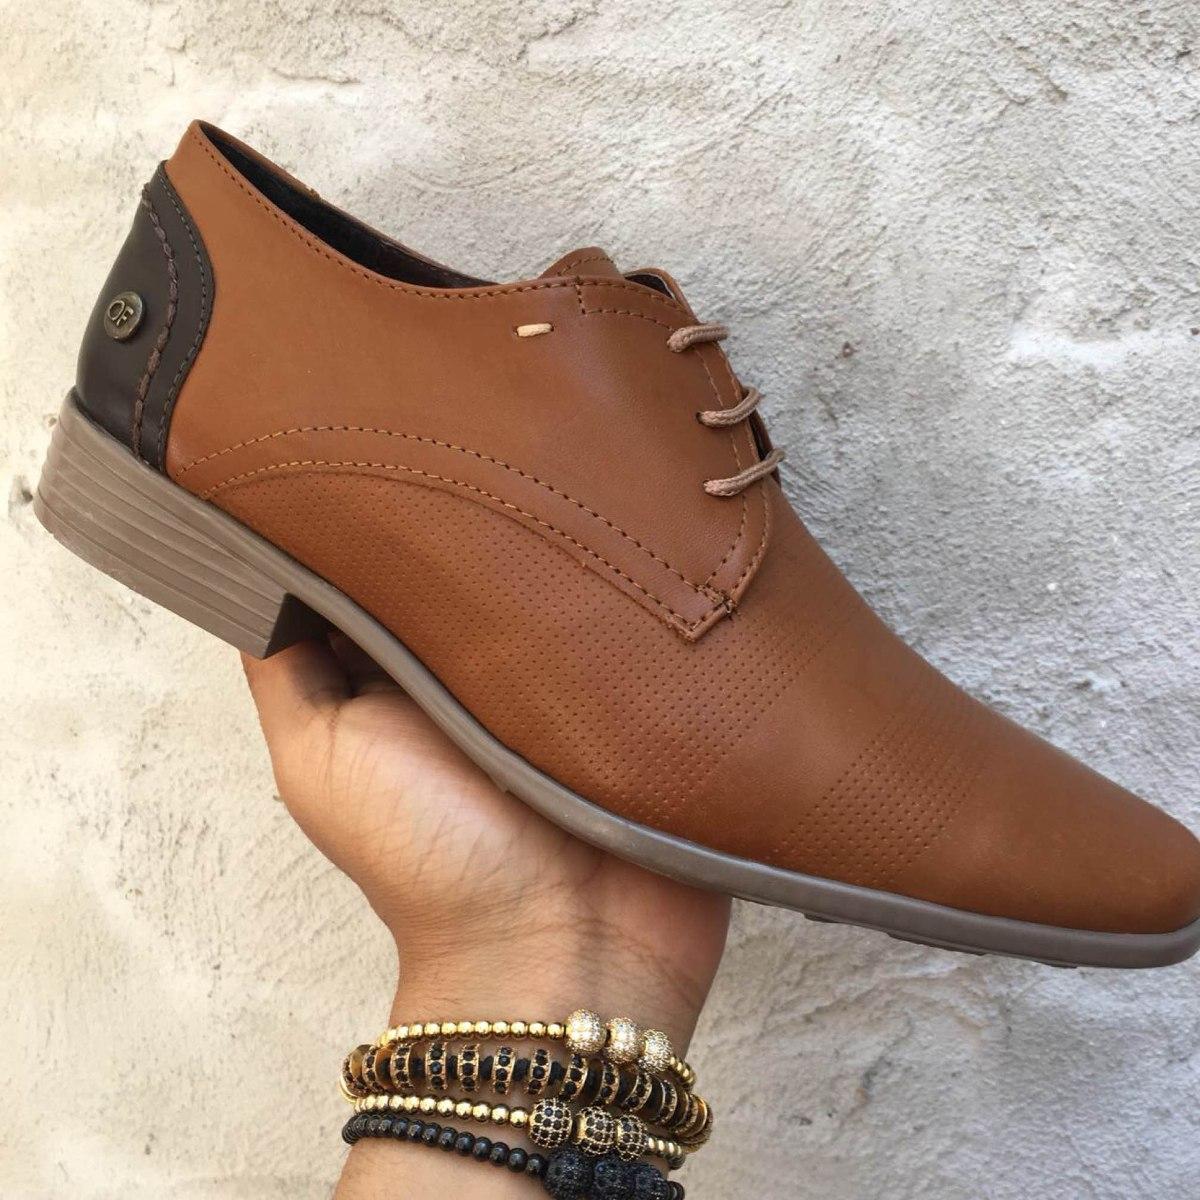 comprar online mejor sitio web los Angeles Zapato Miel De Vestir Para Niño - $ 360.00 en Mercado Libre